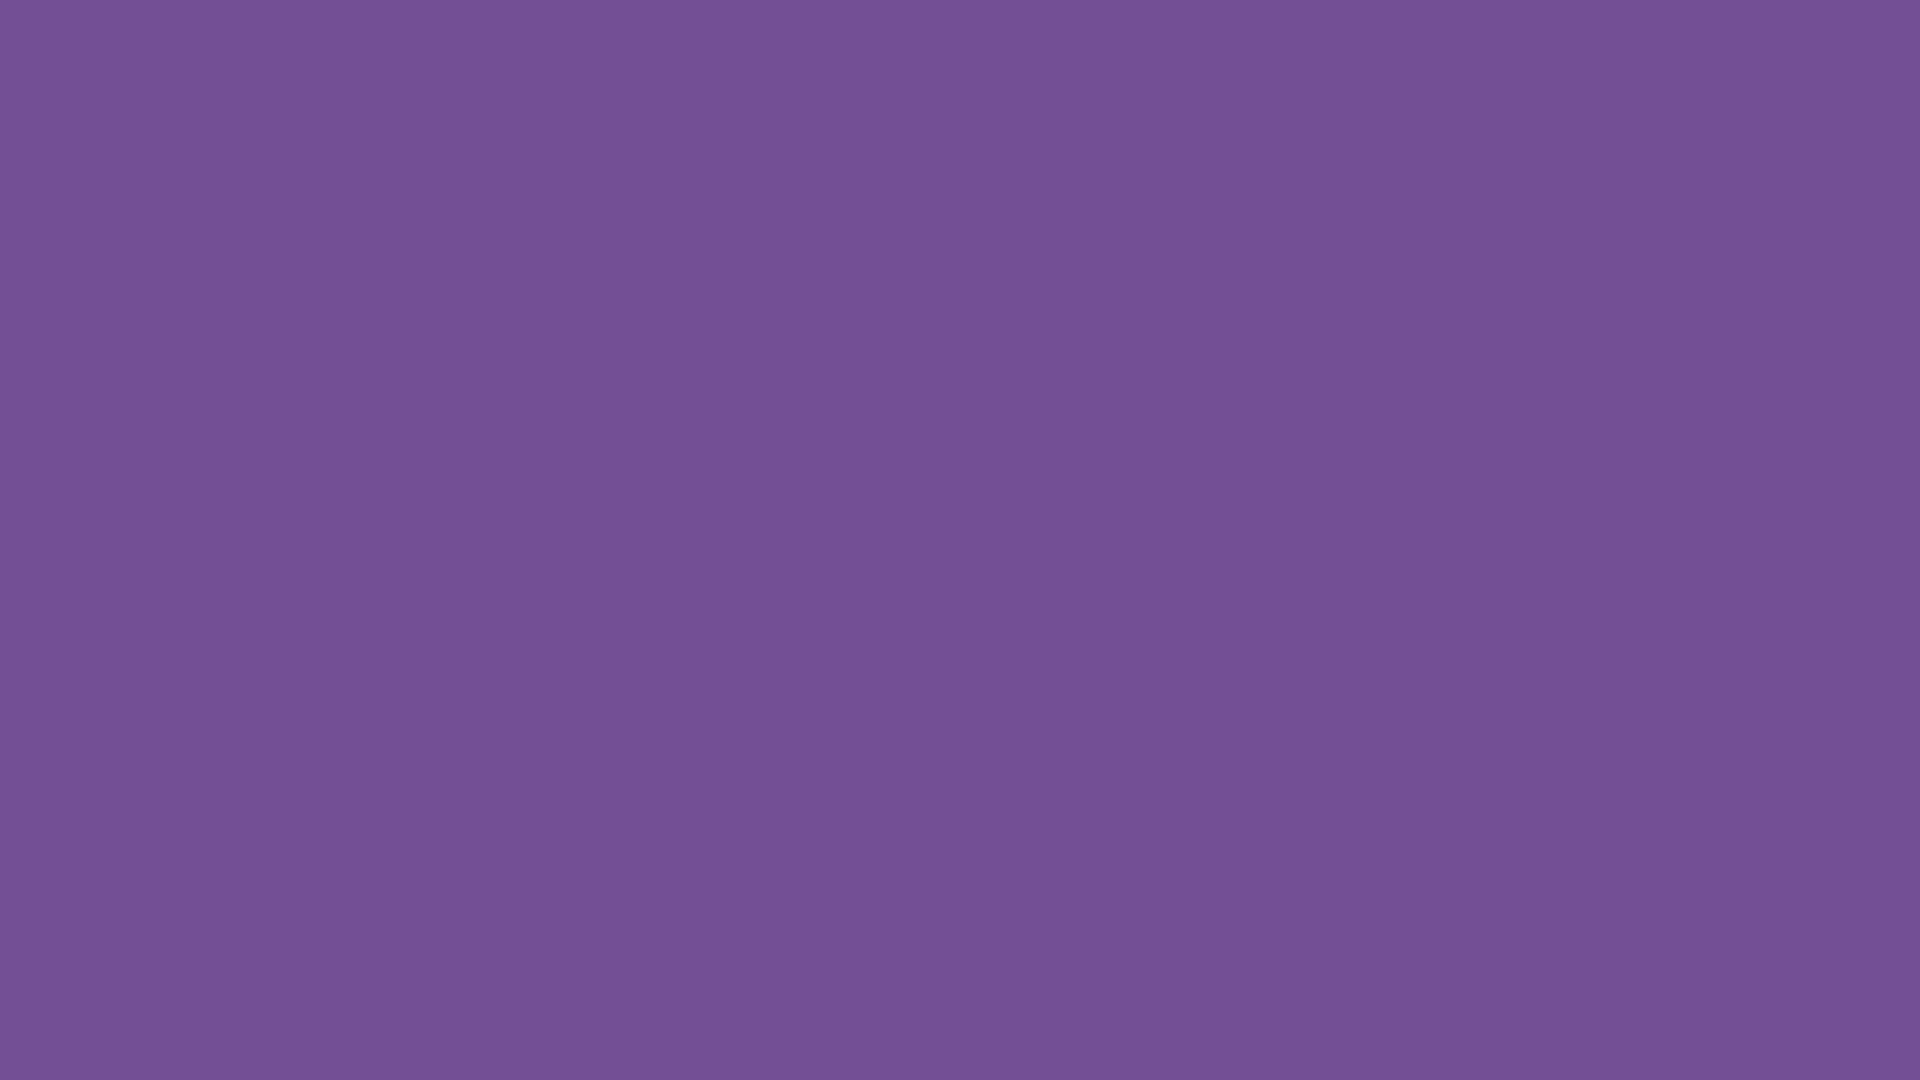 1920x1080 Dark Lavender Solid Color Background